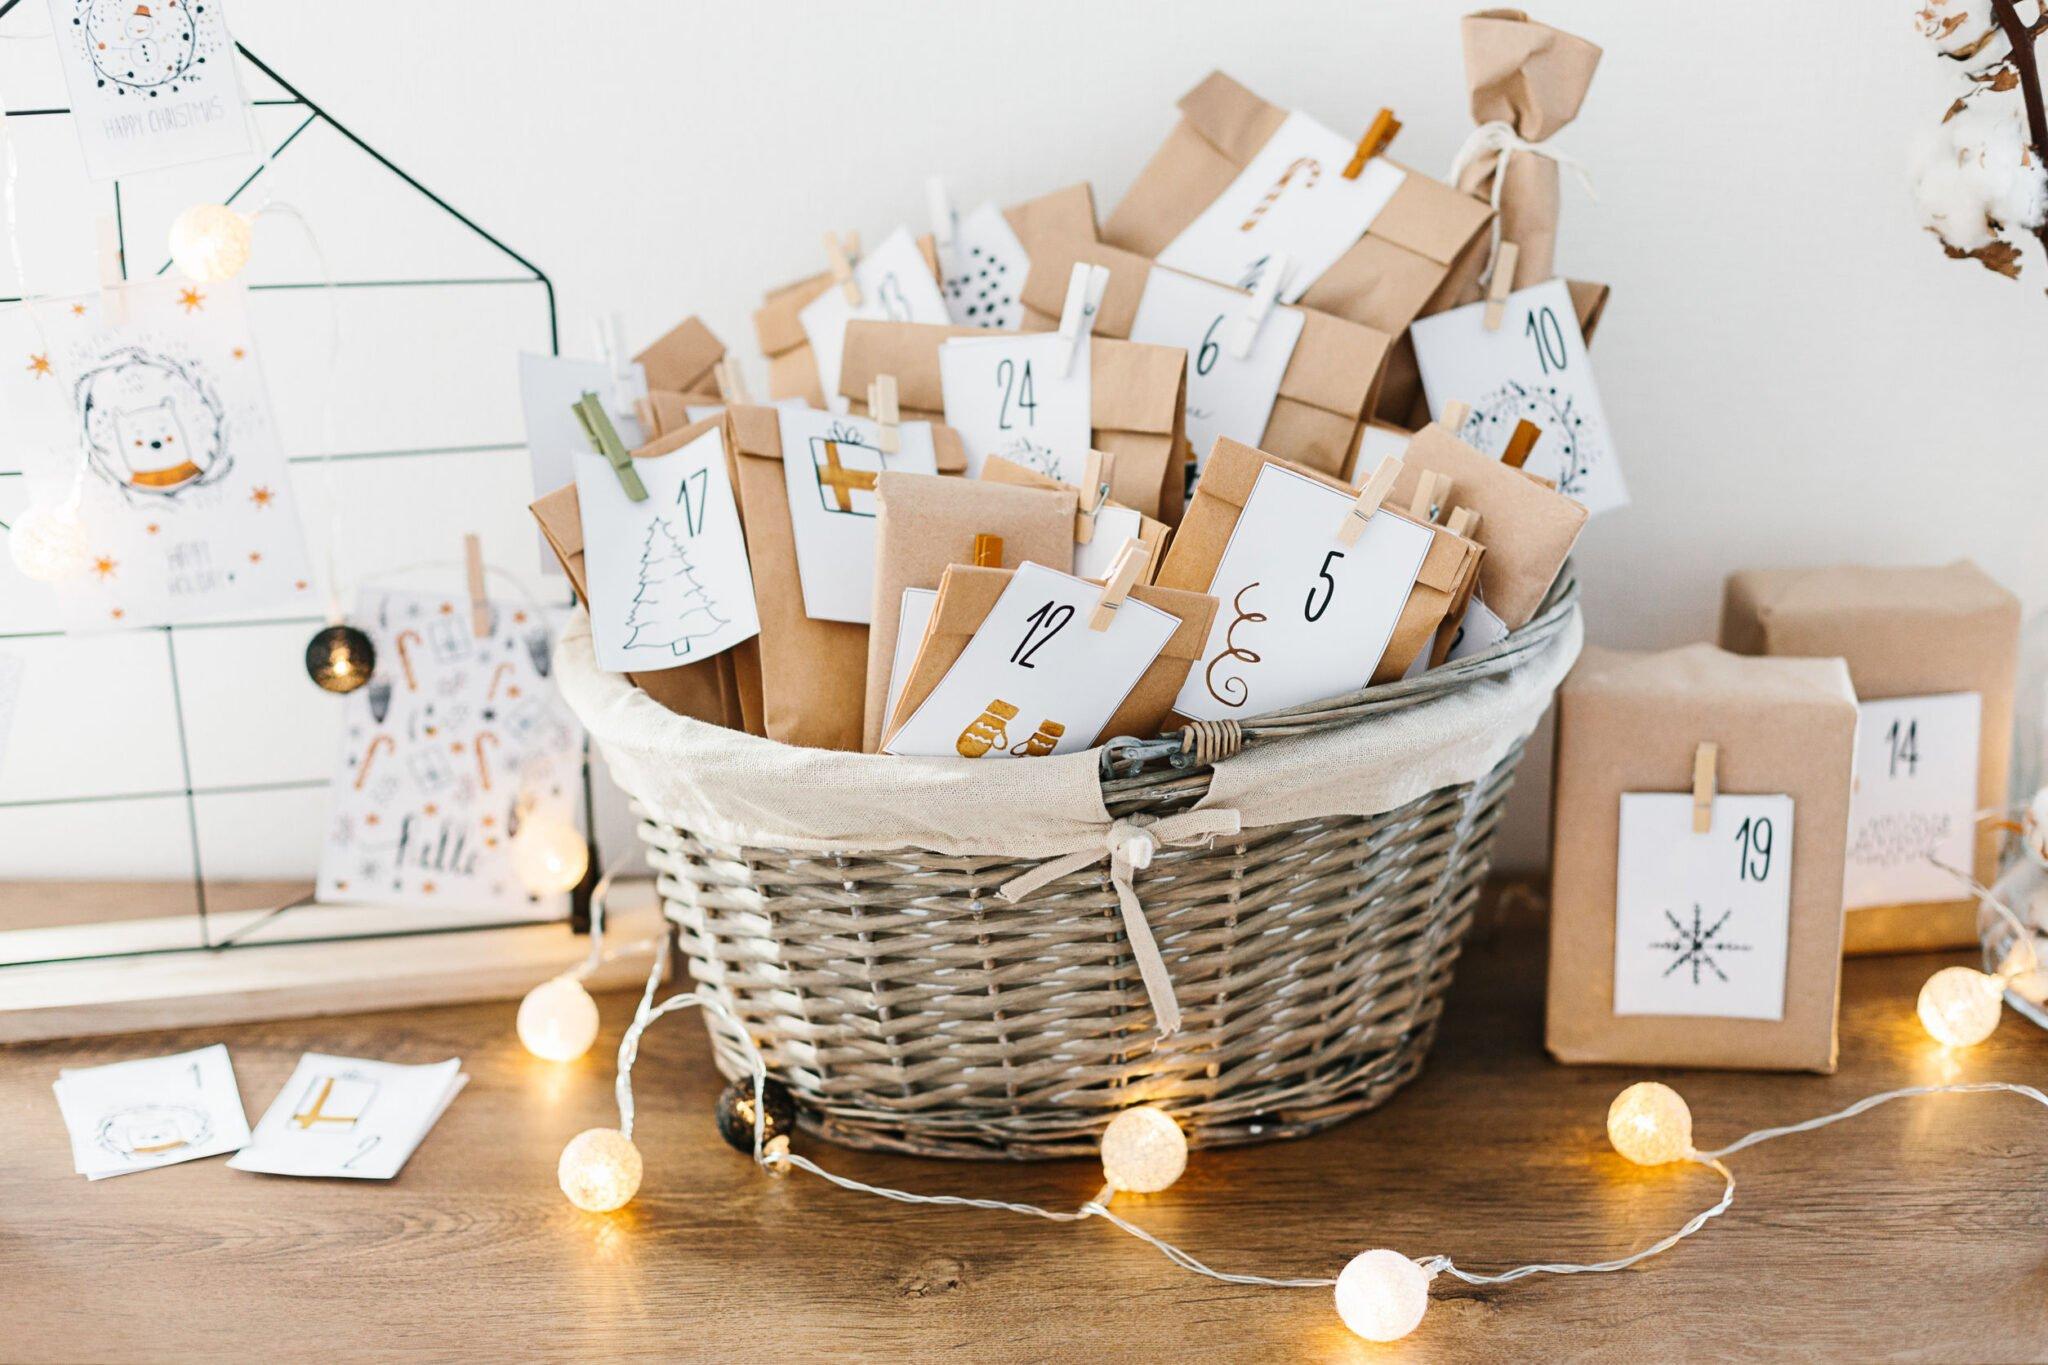 Adventskalender maken; van papier, wc rollen en andere ideeën - mamaliefde.nl